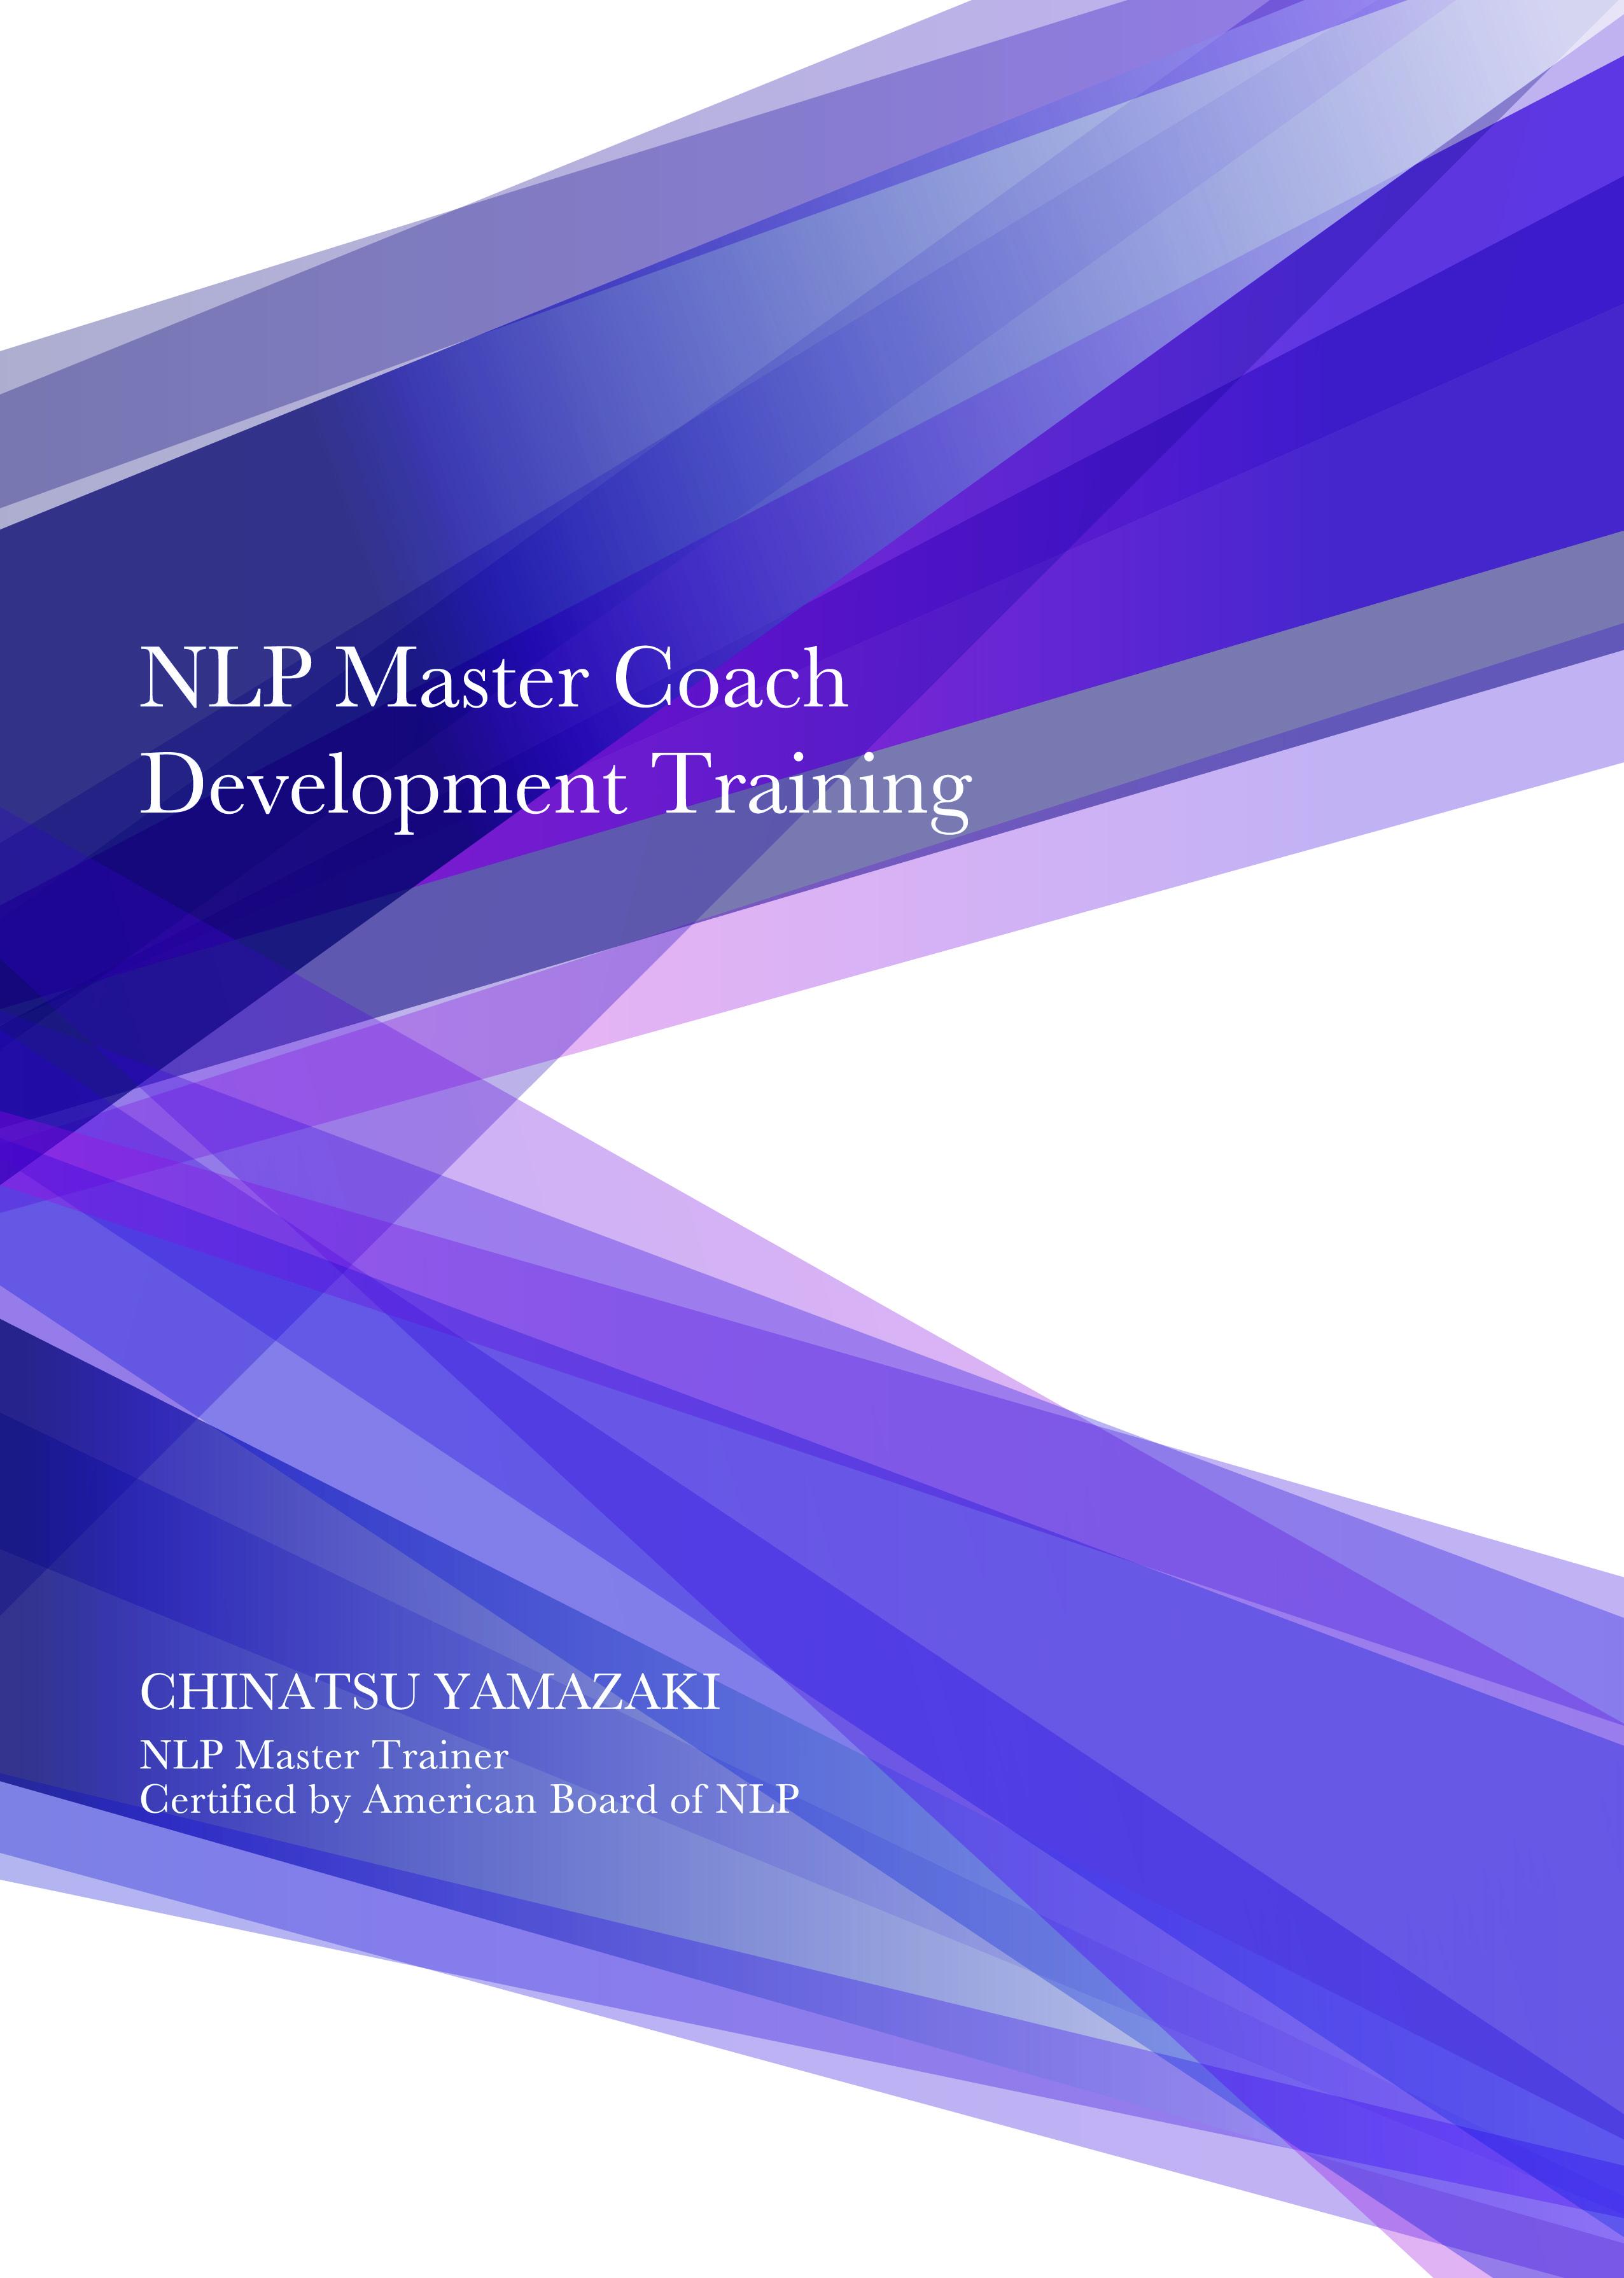 NLP Master Coach Development Training